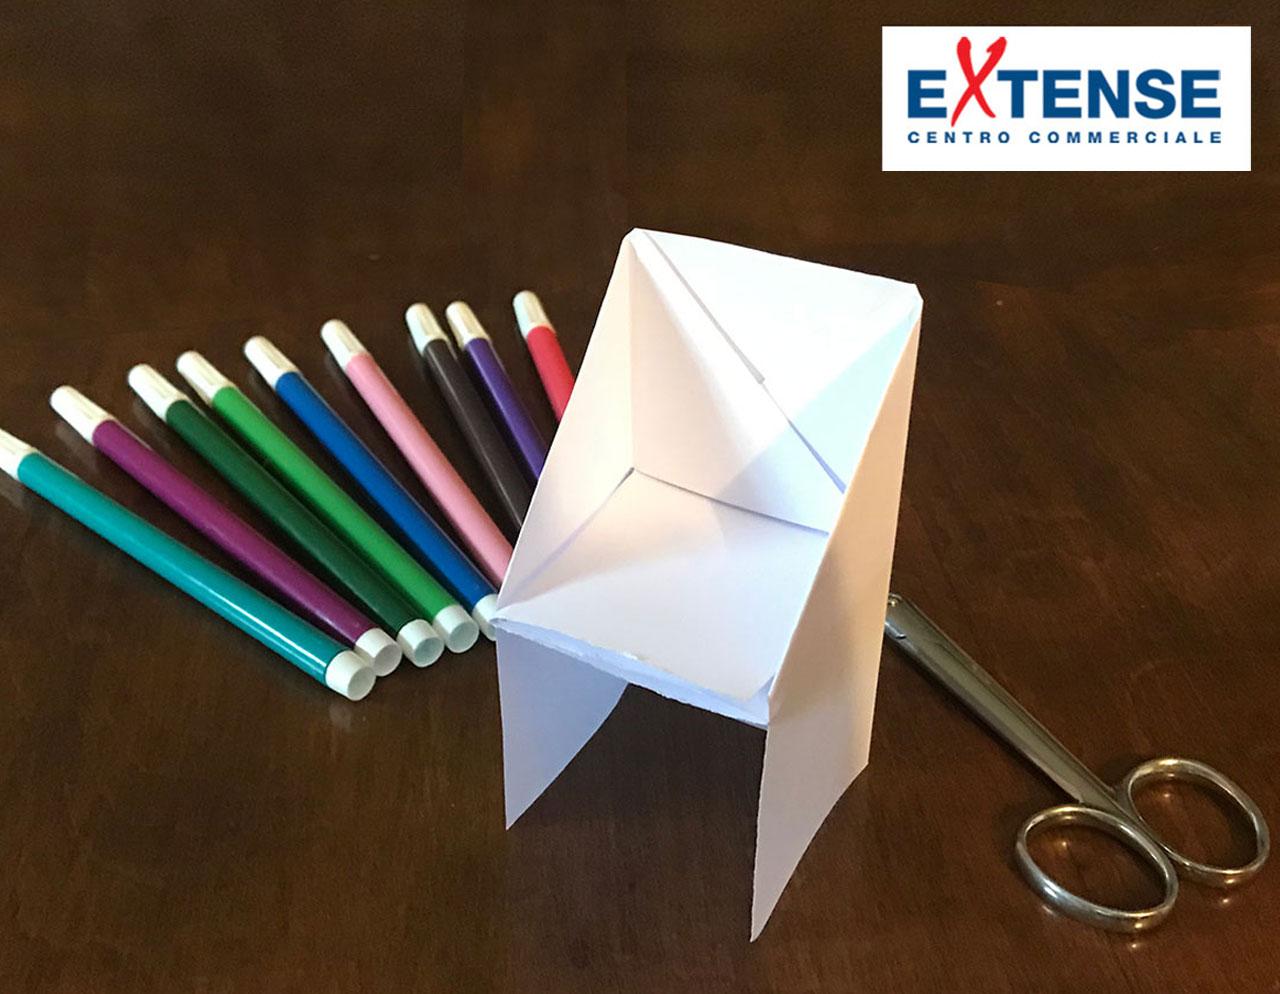 Gioca con noi - La poltroncina di carta! - Centro Commerciale Extense